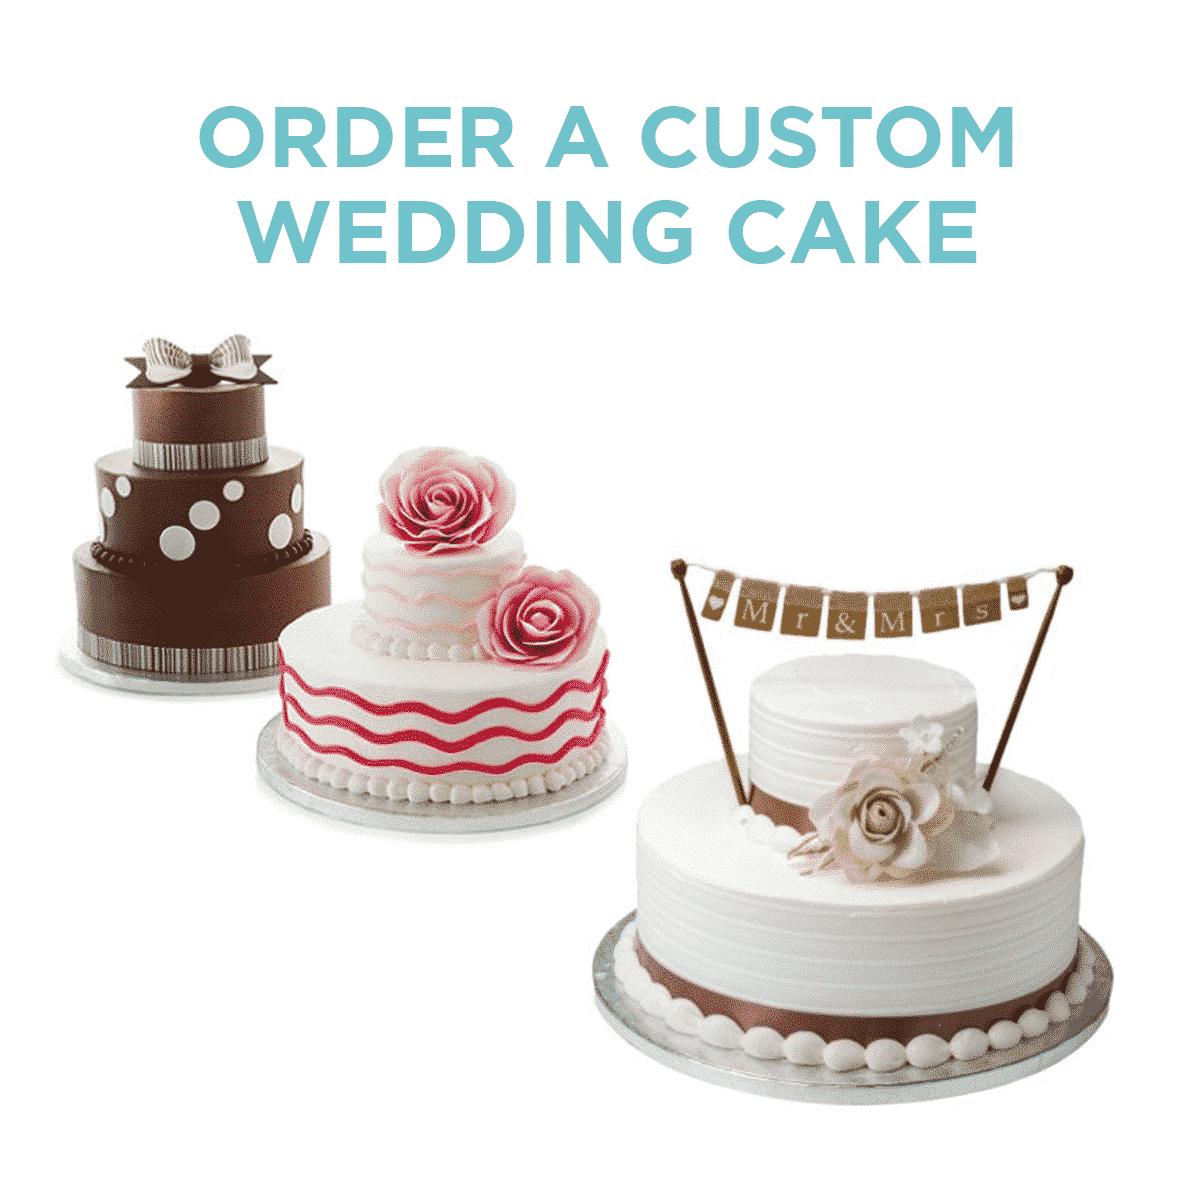 Order a custom wedding cake at Sam's Club!